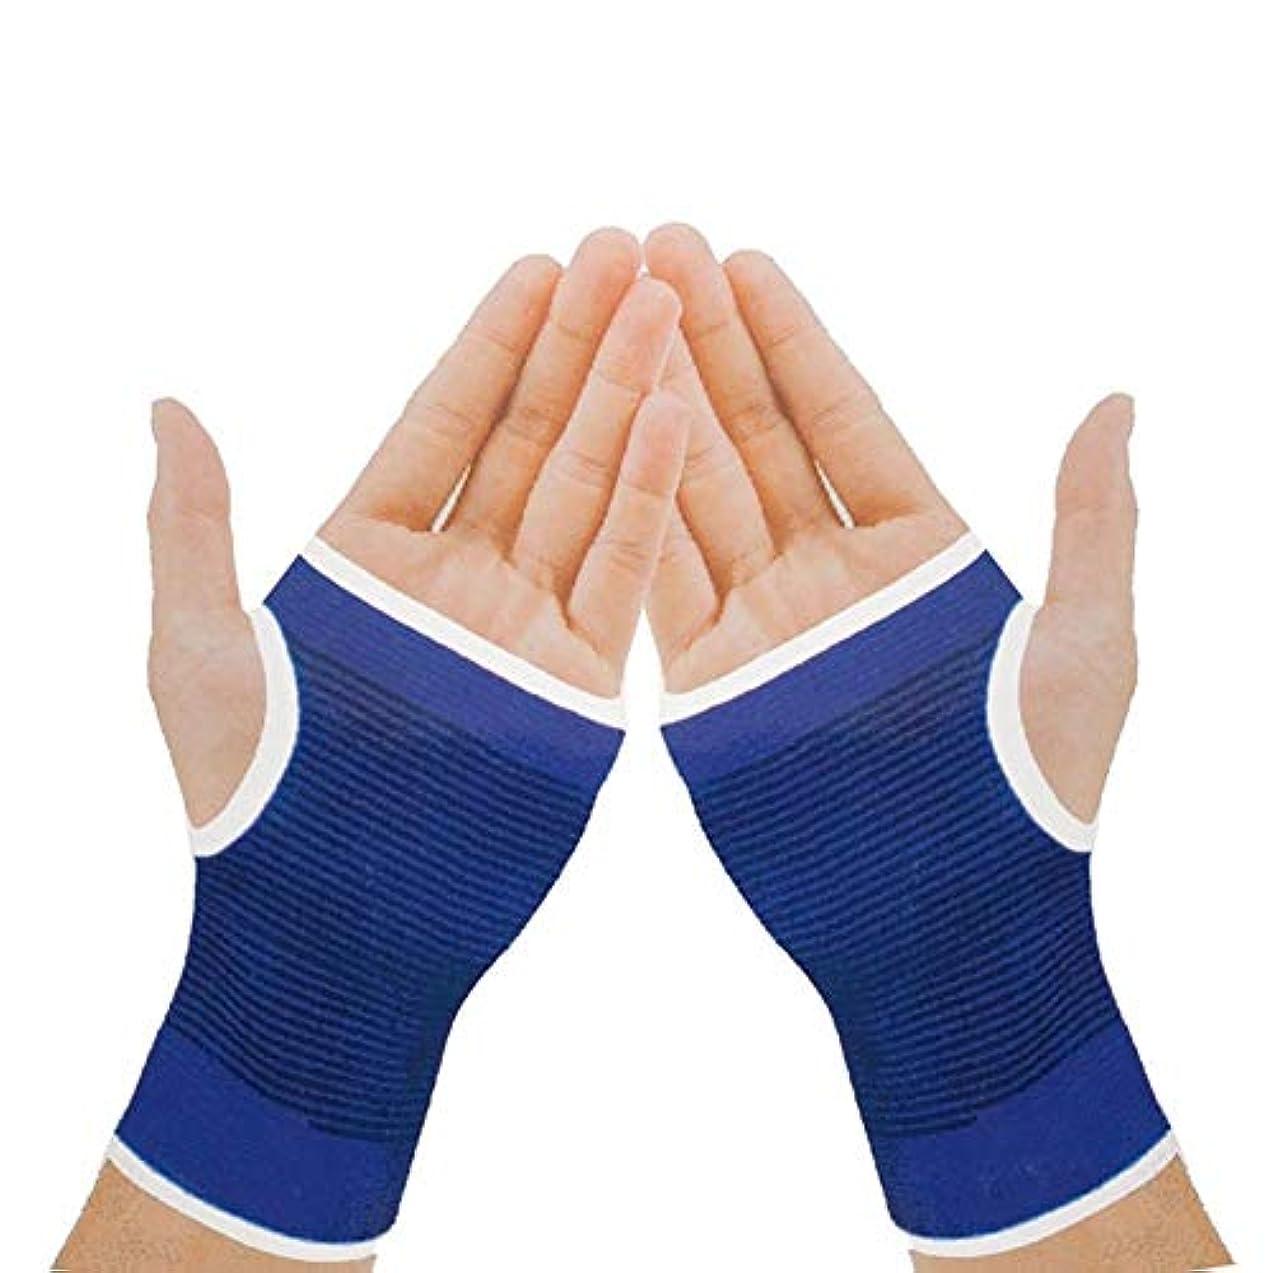 クレア社会登る弾性手首ハンドブレース手首グローブパーム手首ハンドサポート手袋ブレーススリーブ包帯ラップの痛みを軽減する関節の痛みジムスポーツサポート1ペア